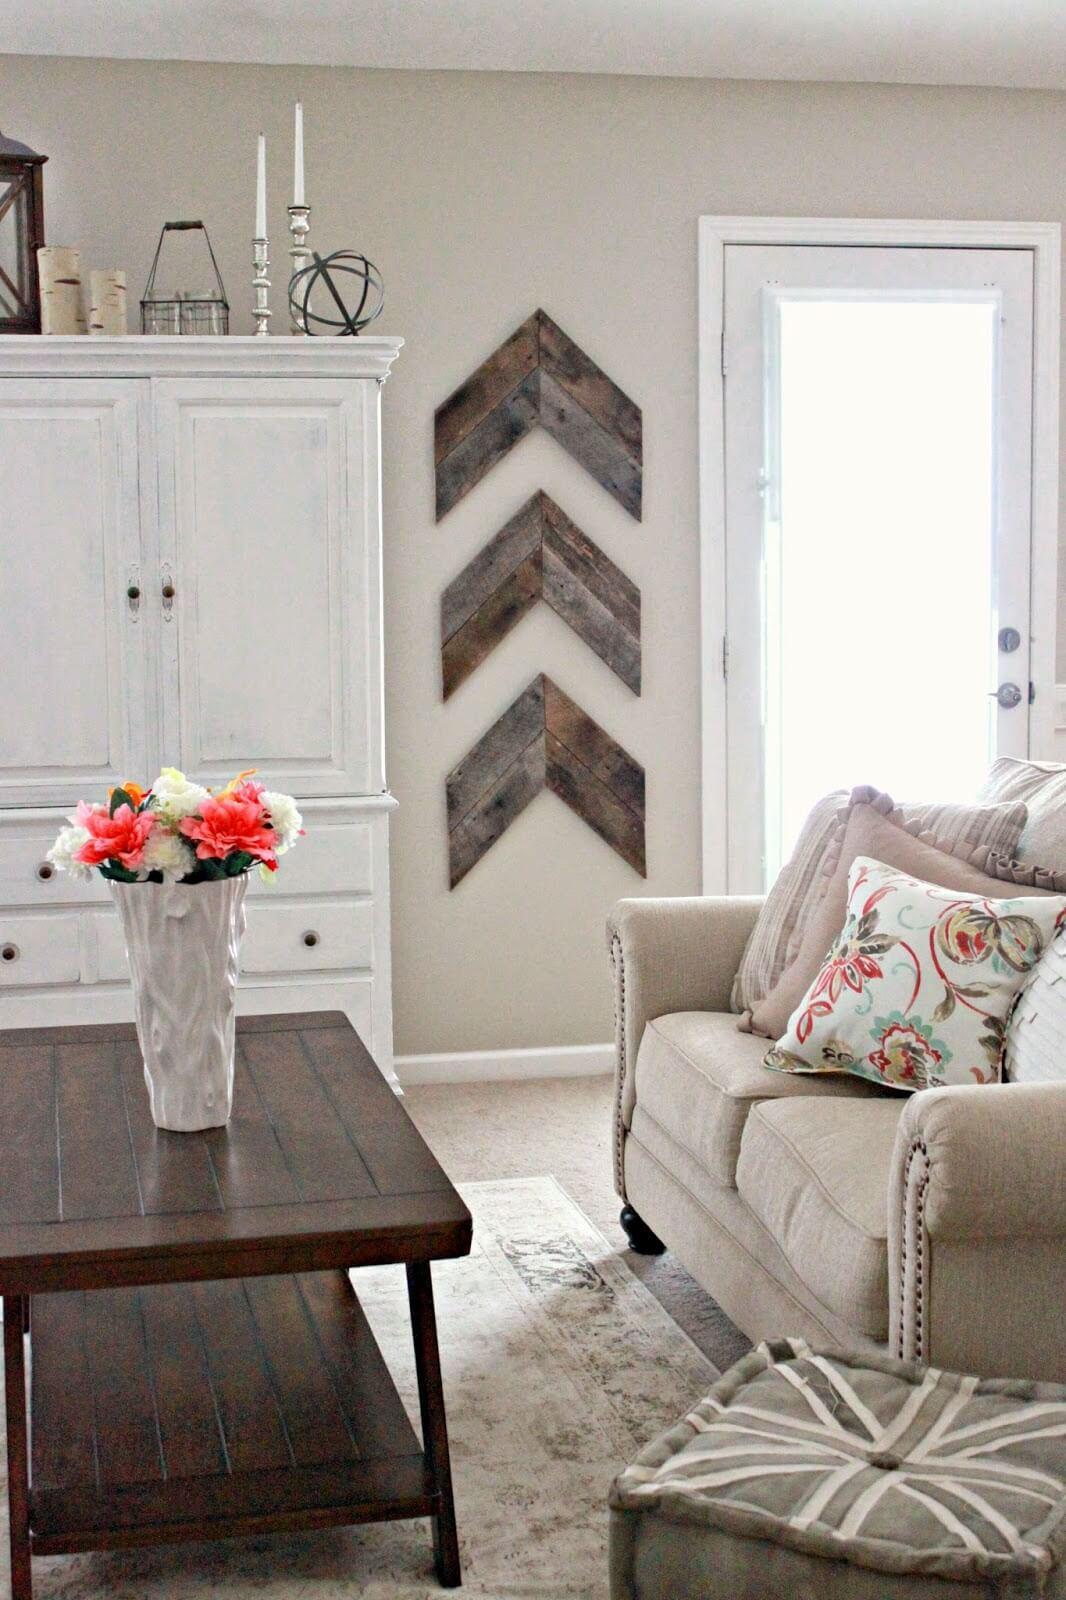 50+ Best Farmhouse Living Room Decor Ideas and Designs for ... on Farmhouse Style Living Room Curtains  id=88426